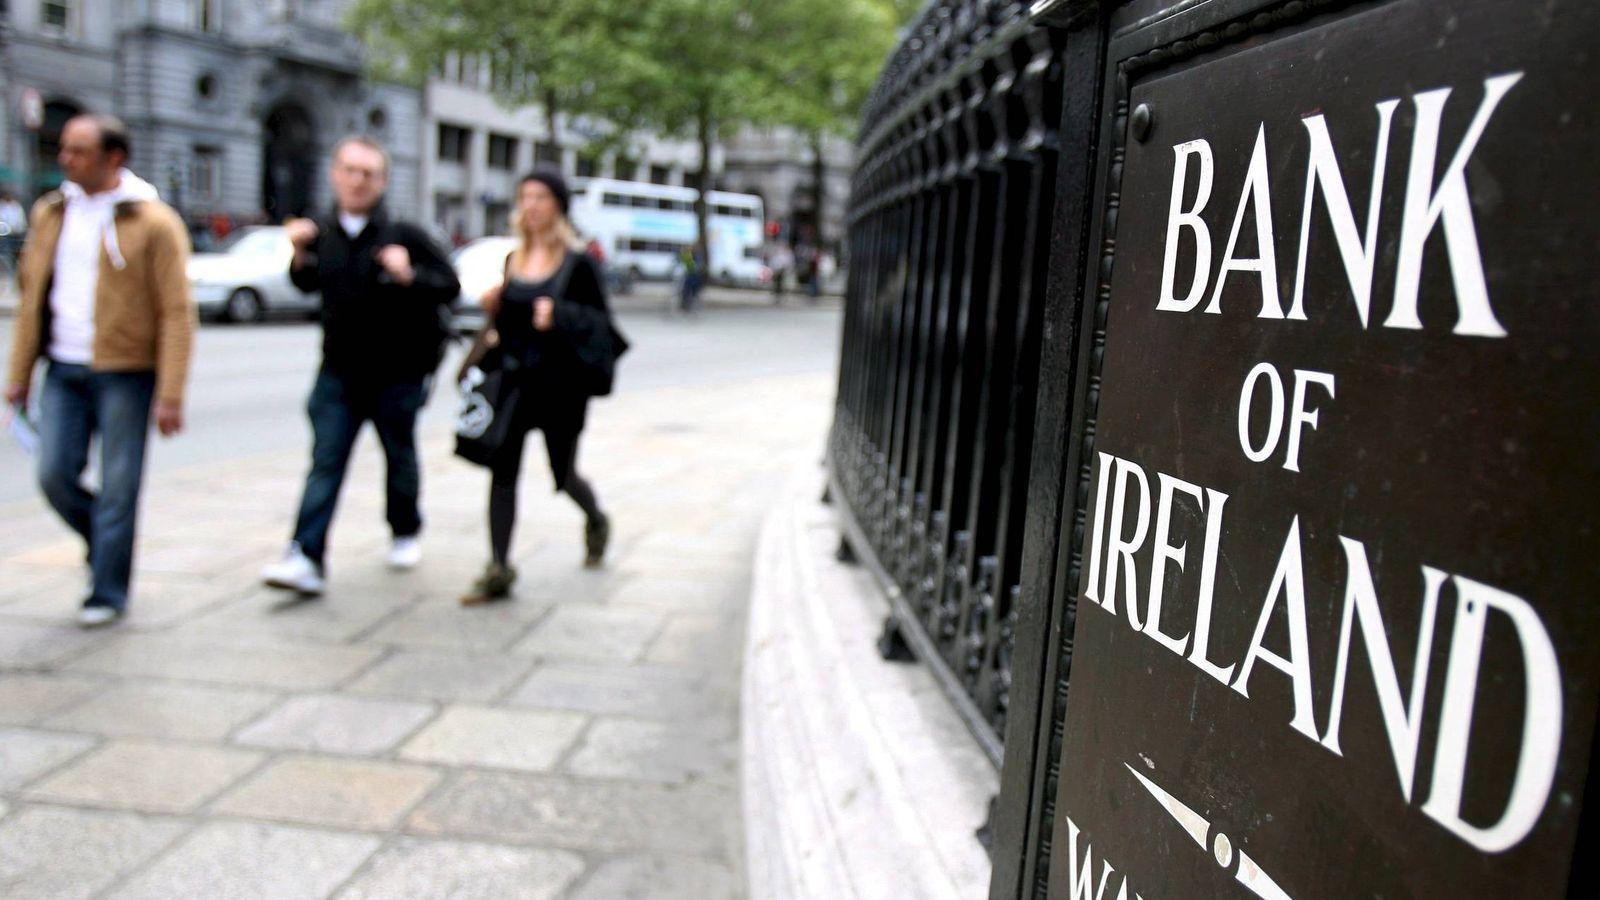 Foto: Sede de Bank of Ireland en Dublín. (EFE)